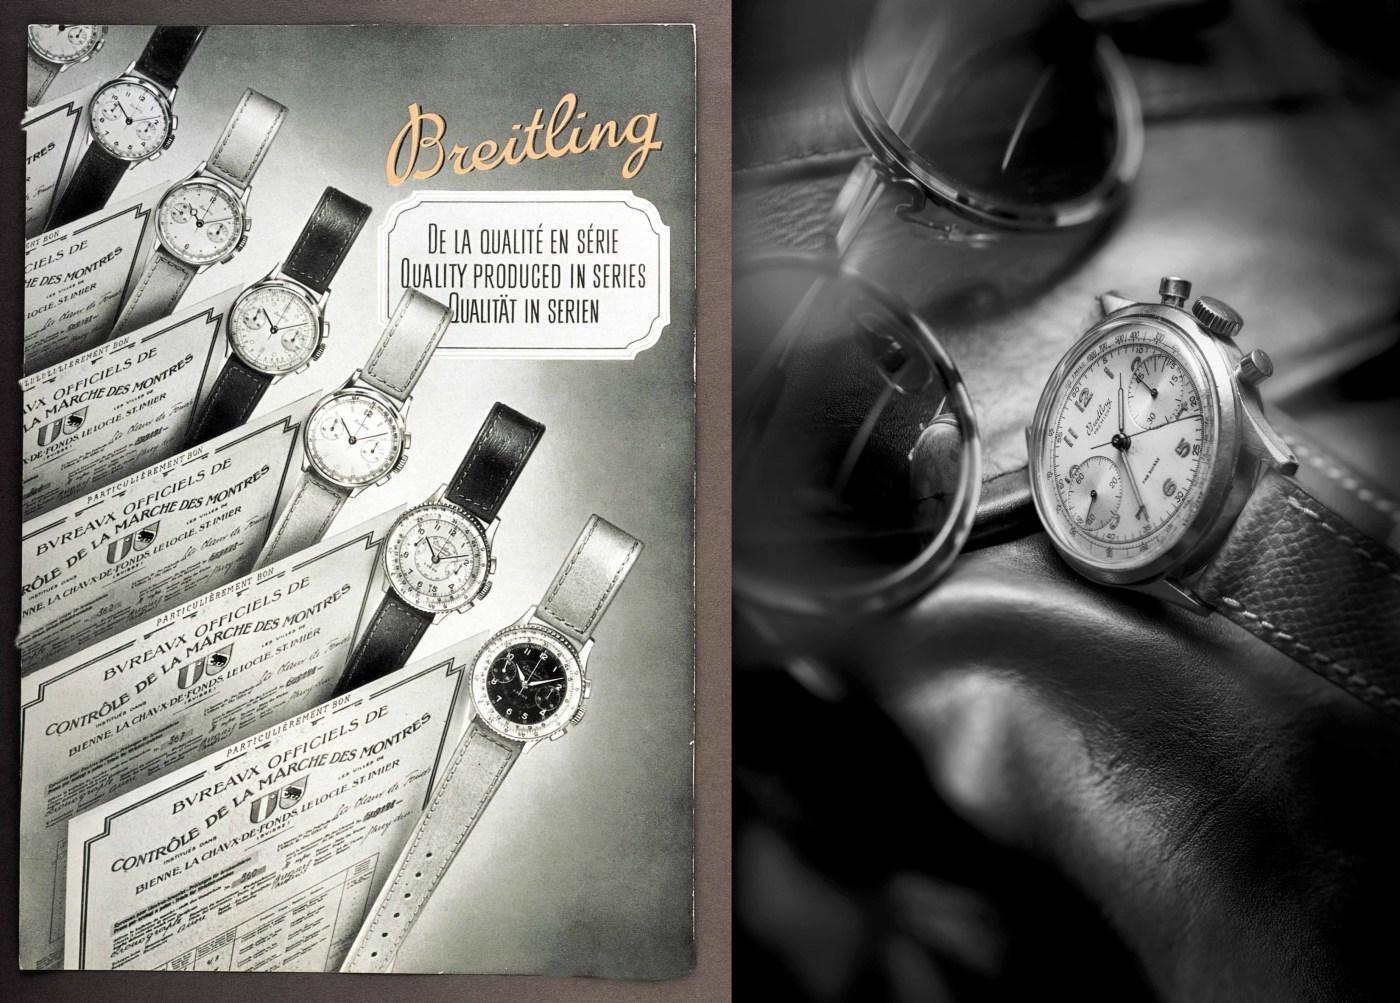 Breitling Premier 1940s images